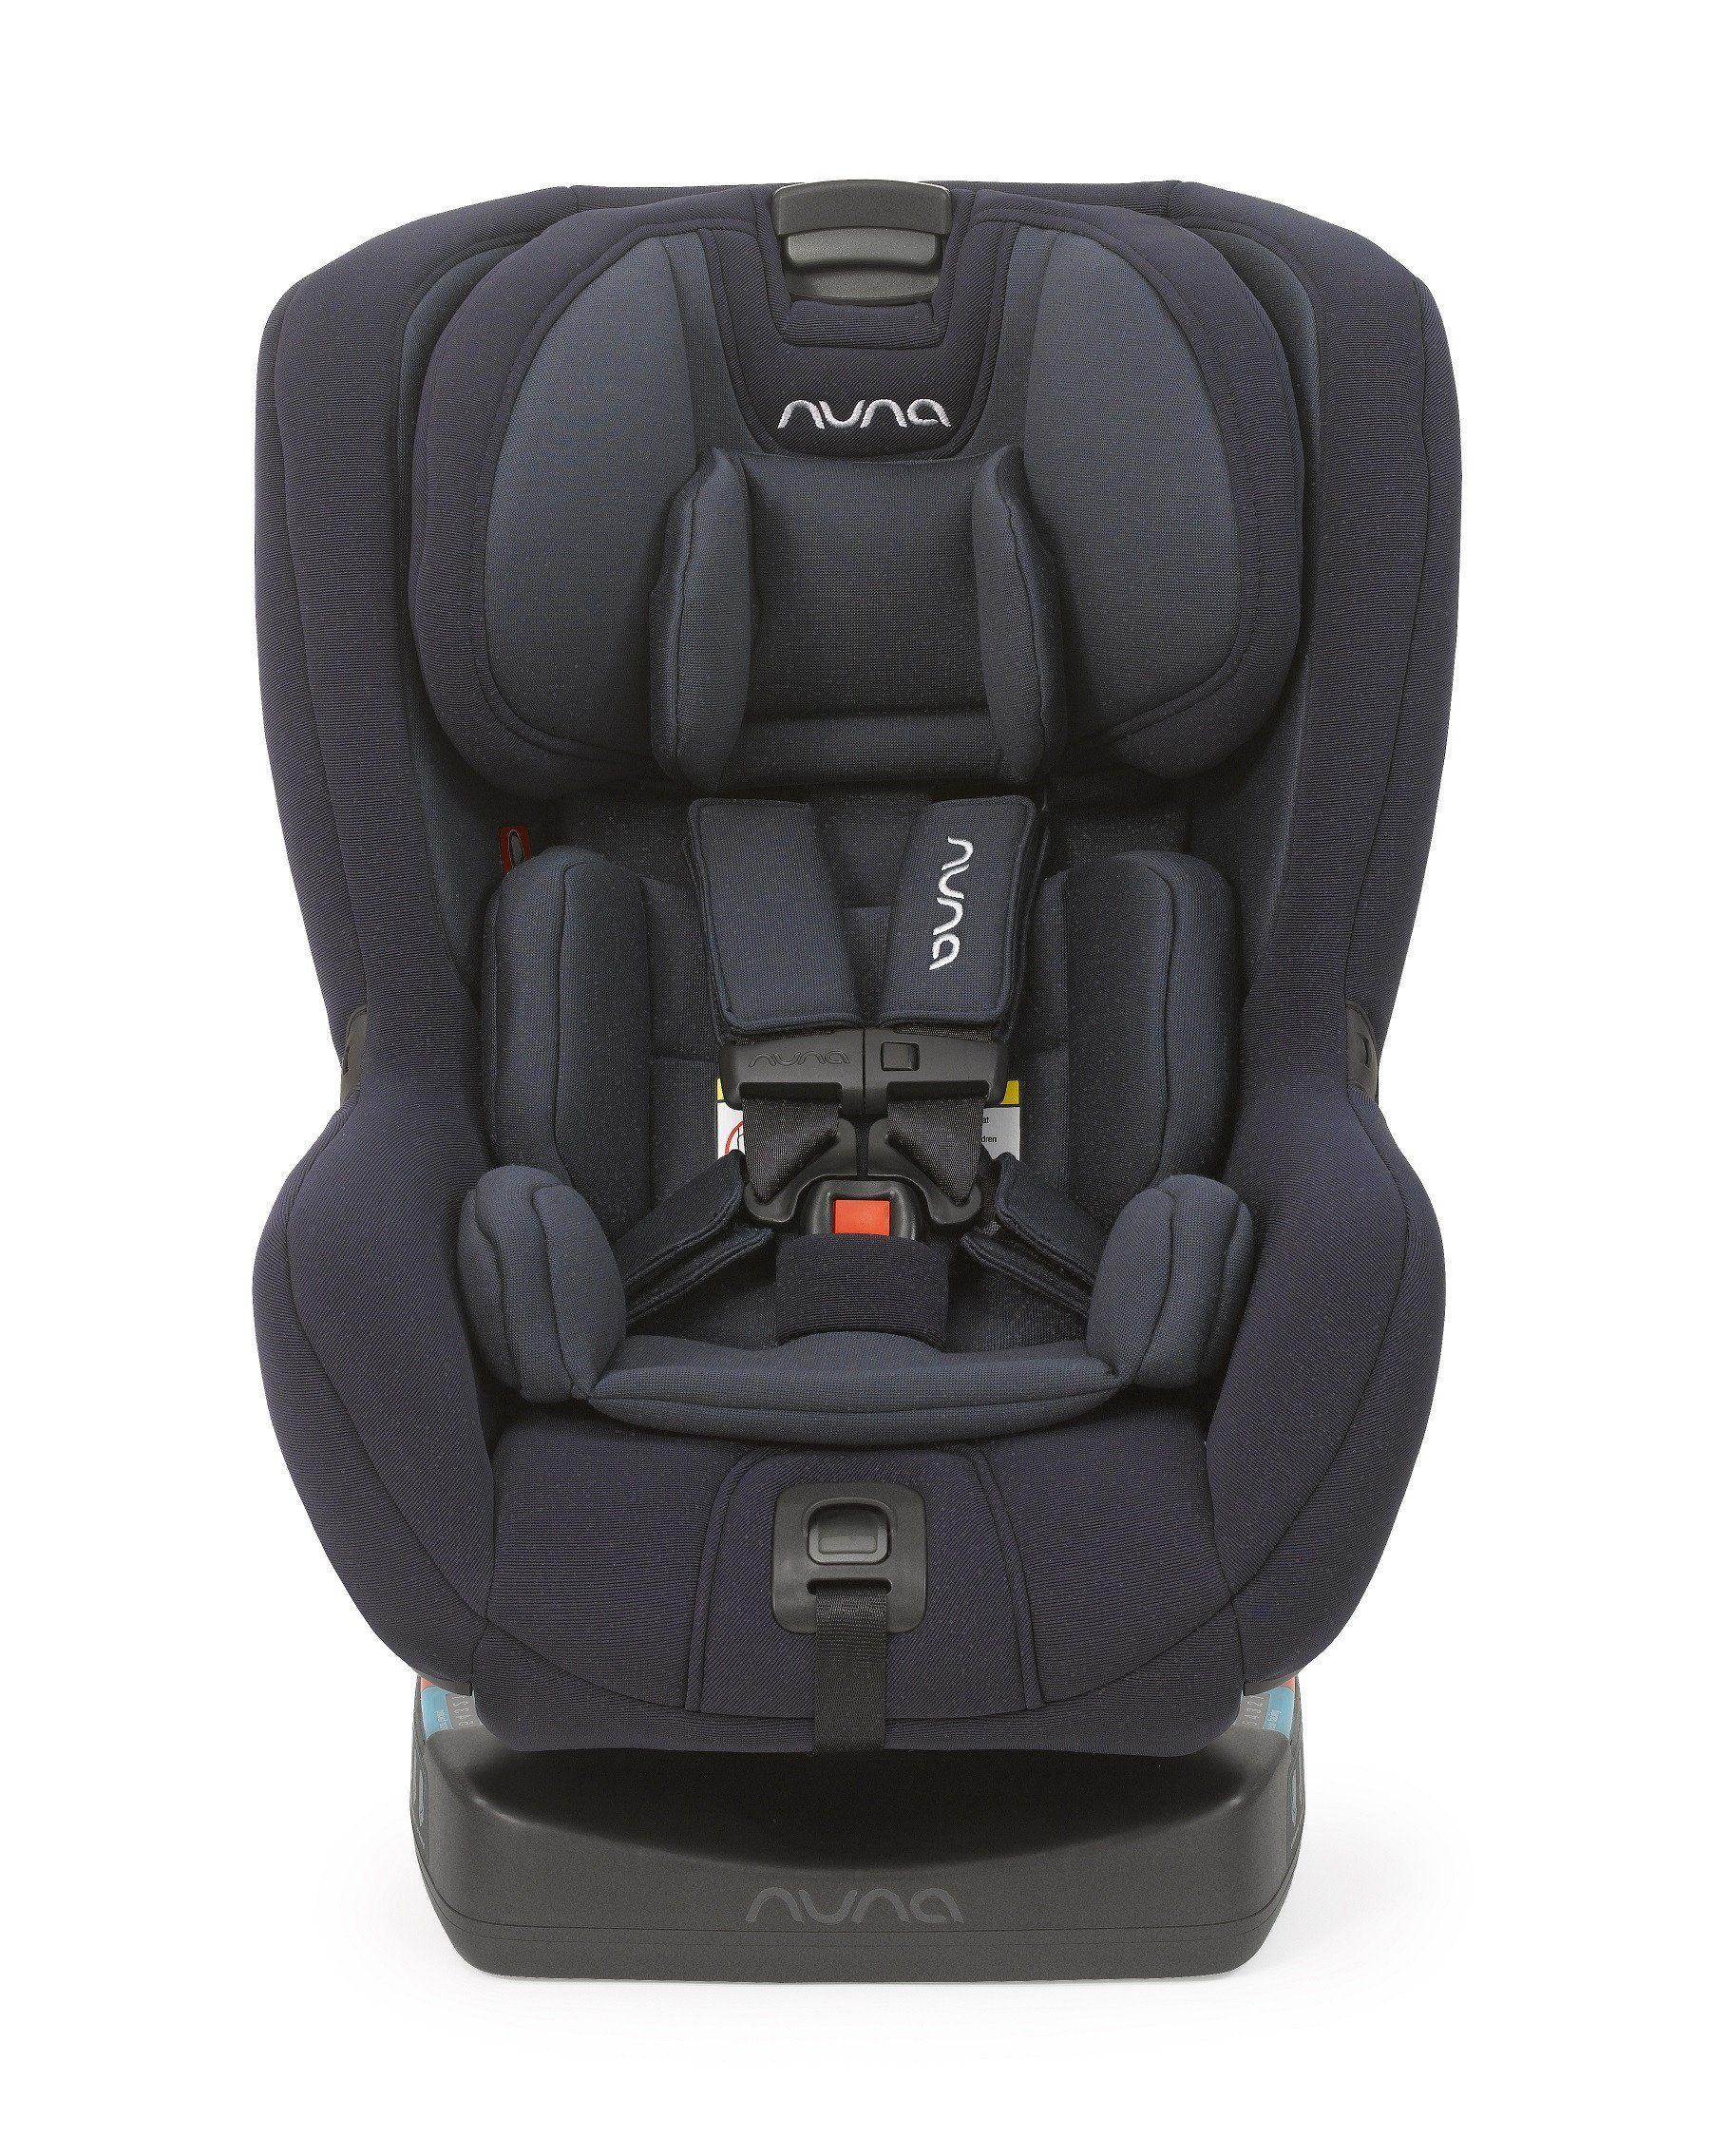 Nuna RAVA convertible car seat (With images) Baby car